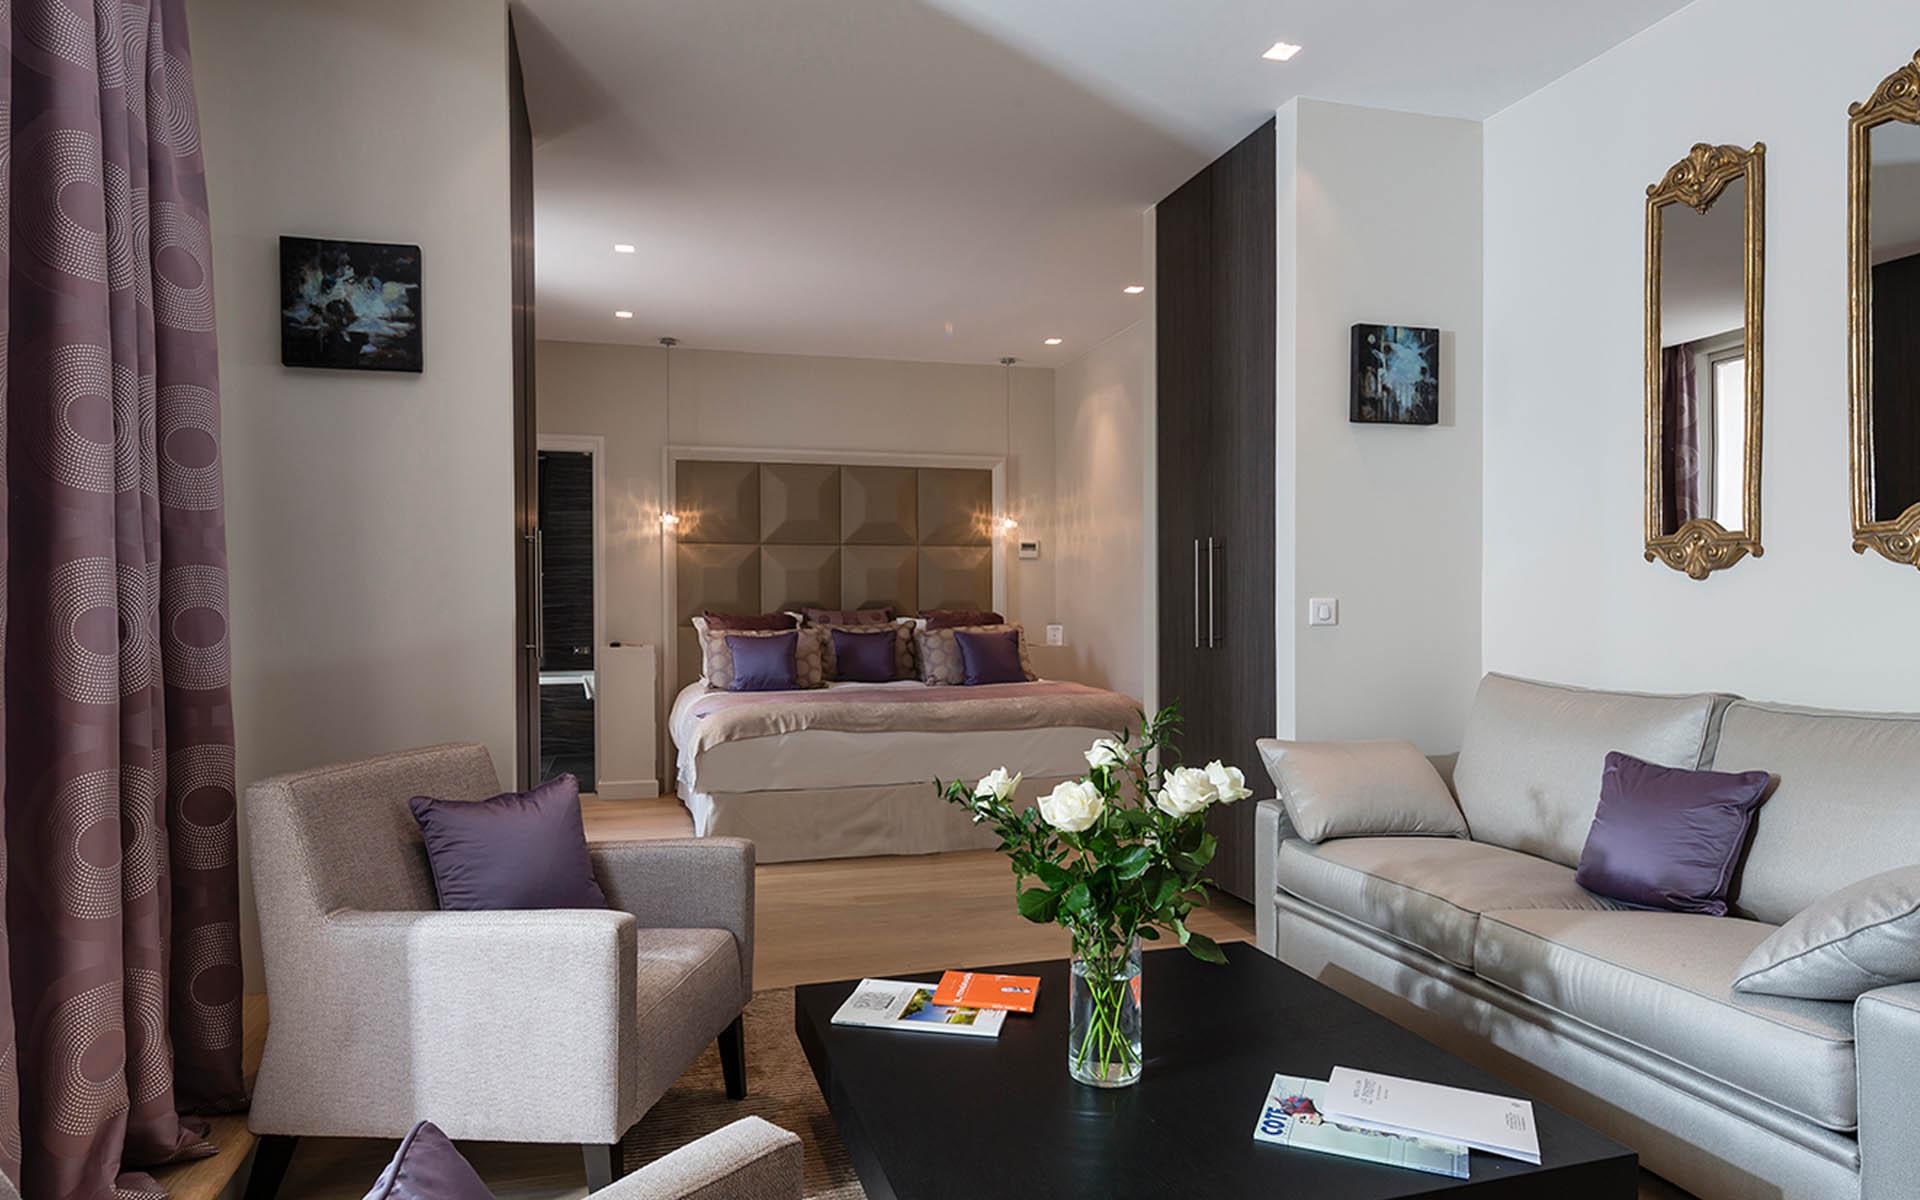 Architecte intérieur Hotel - Aix en provence 1